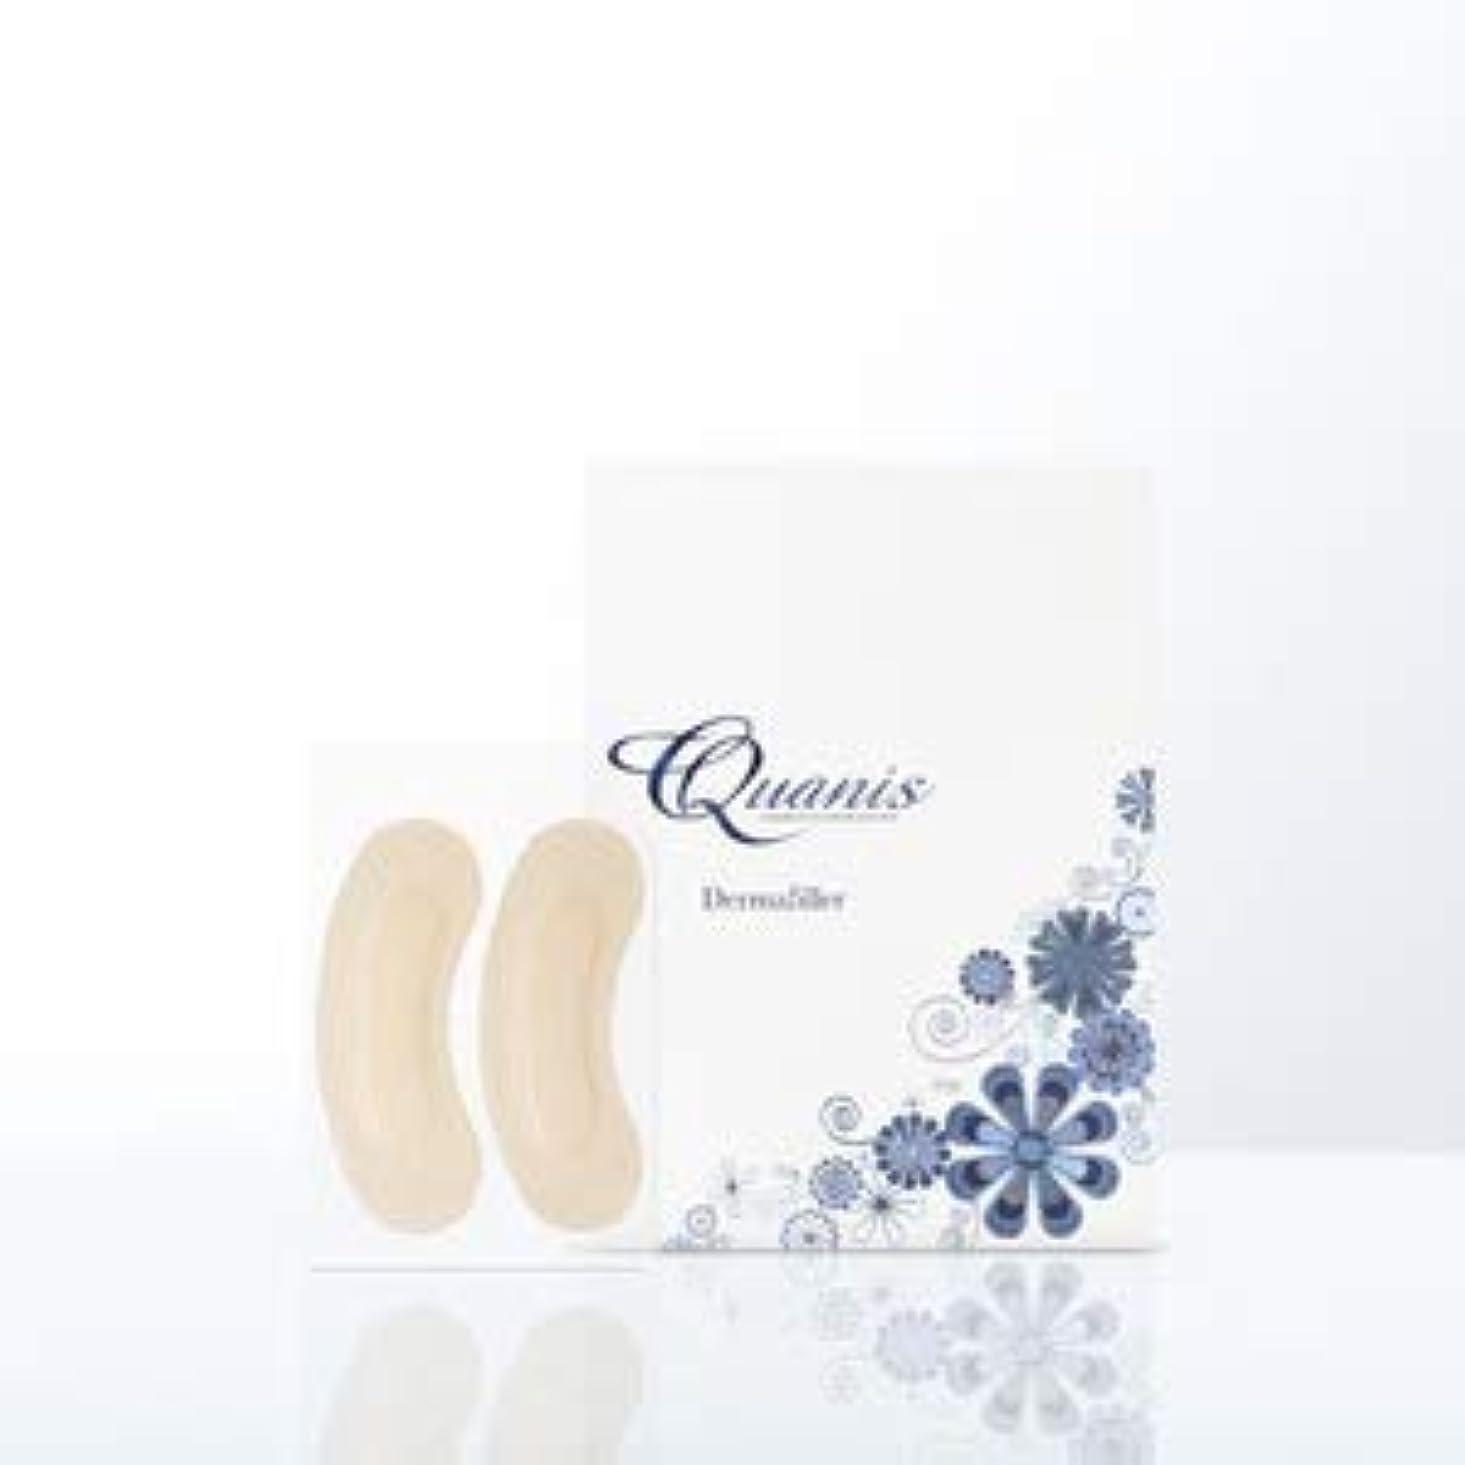 割り当てます媒染剤ラビリンス製薬会社が開発 クオニス ダーマフィラー 4セット入り マイクロニードルで肌に直接ヒアルロン酸注入